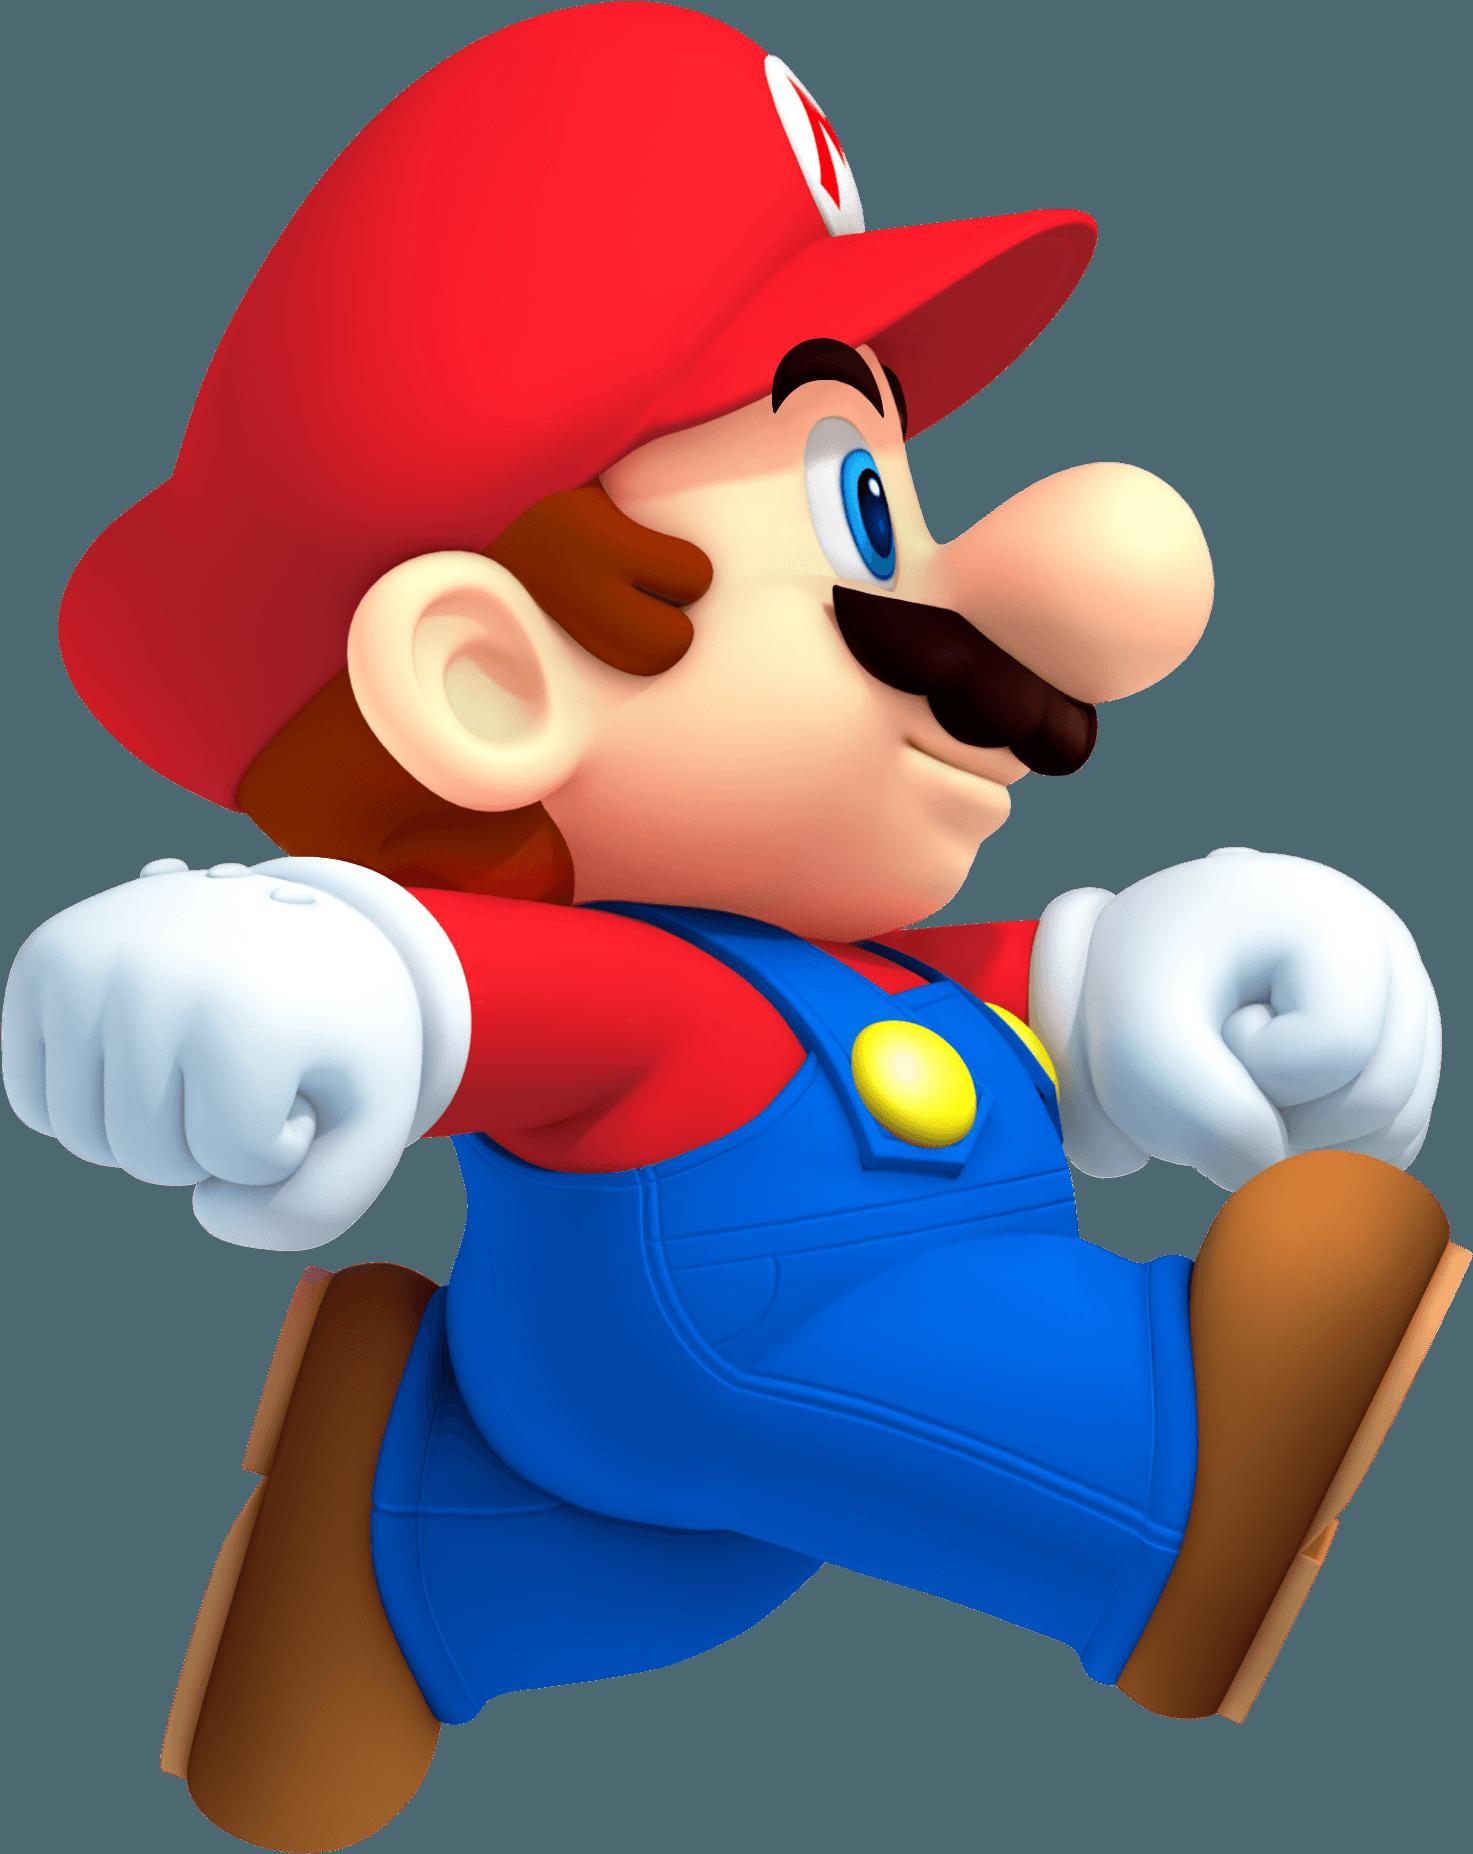 Super Mario Brows